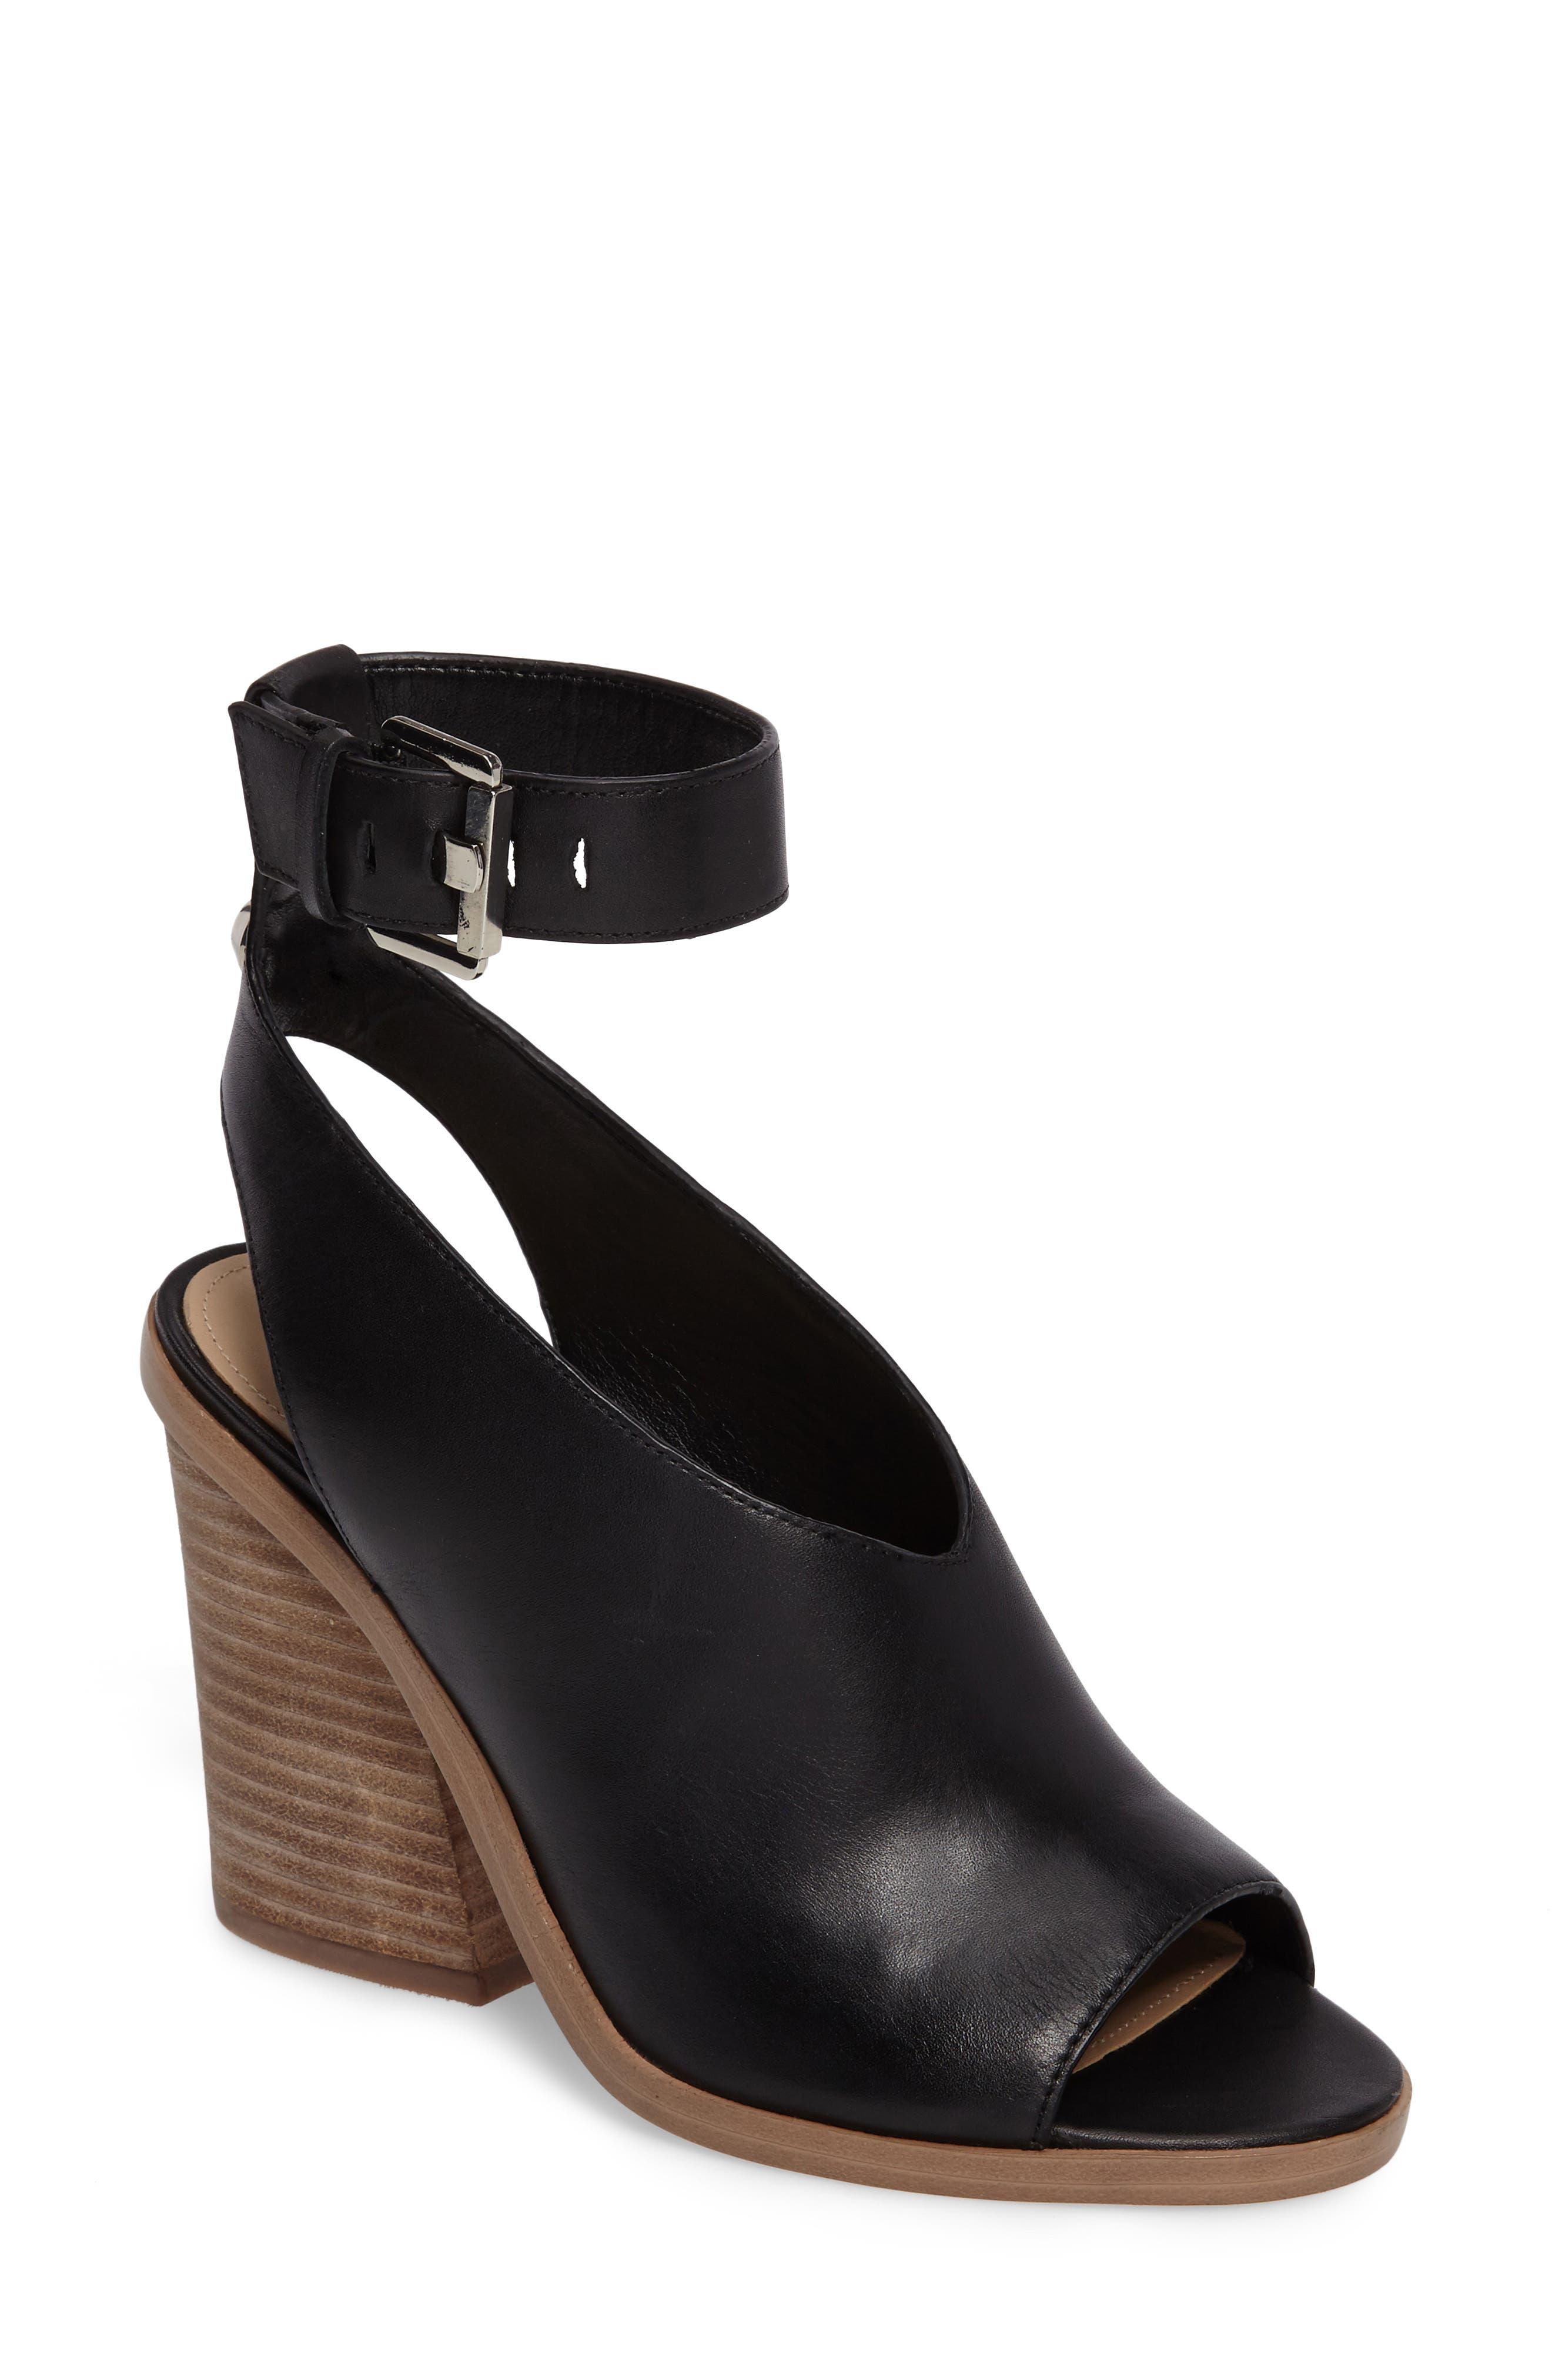 Alternate Image 1 Selected - Marc Fisher LTD Vidal Ankle Strap Sandal (Women)